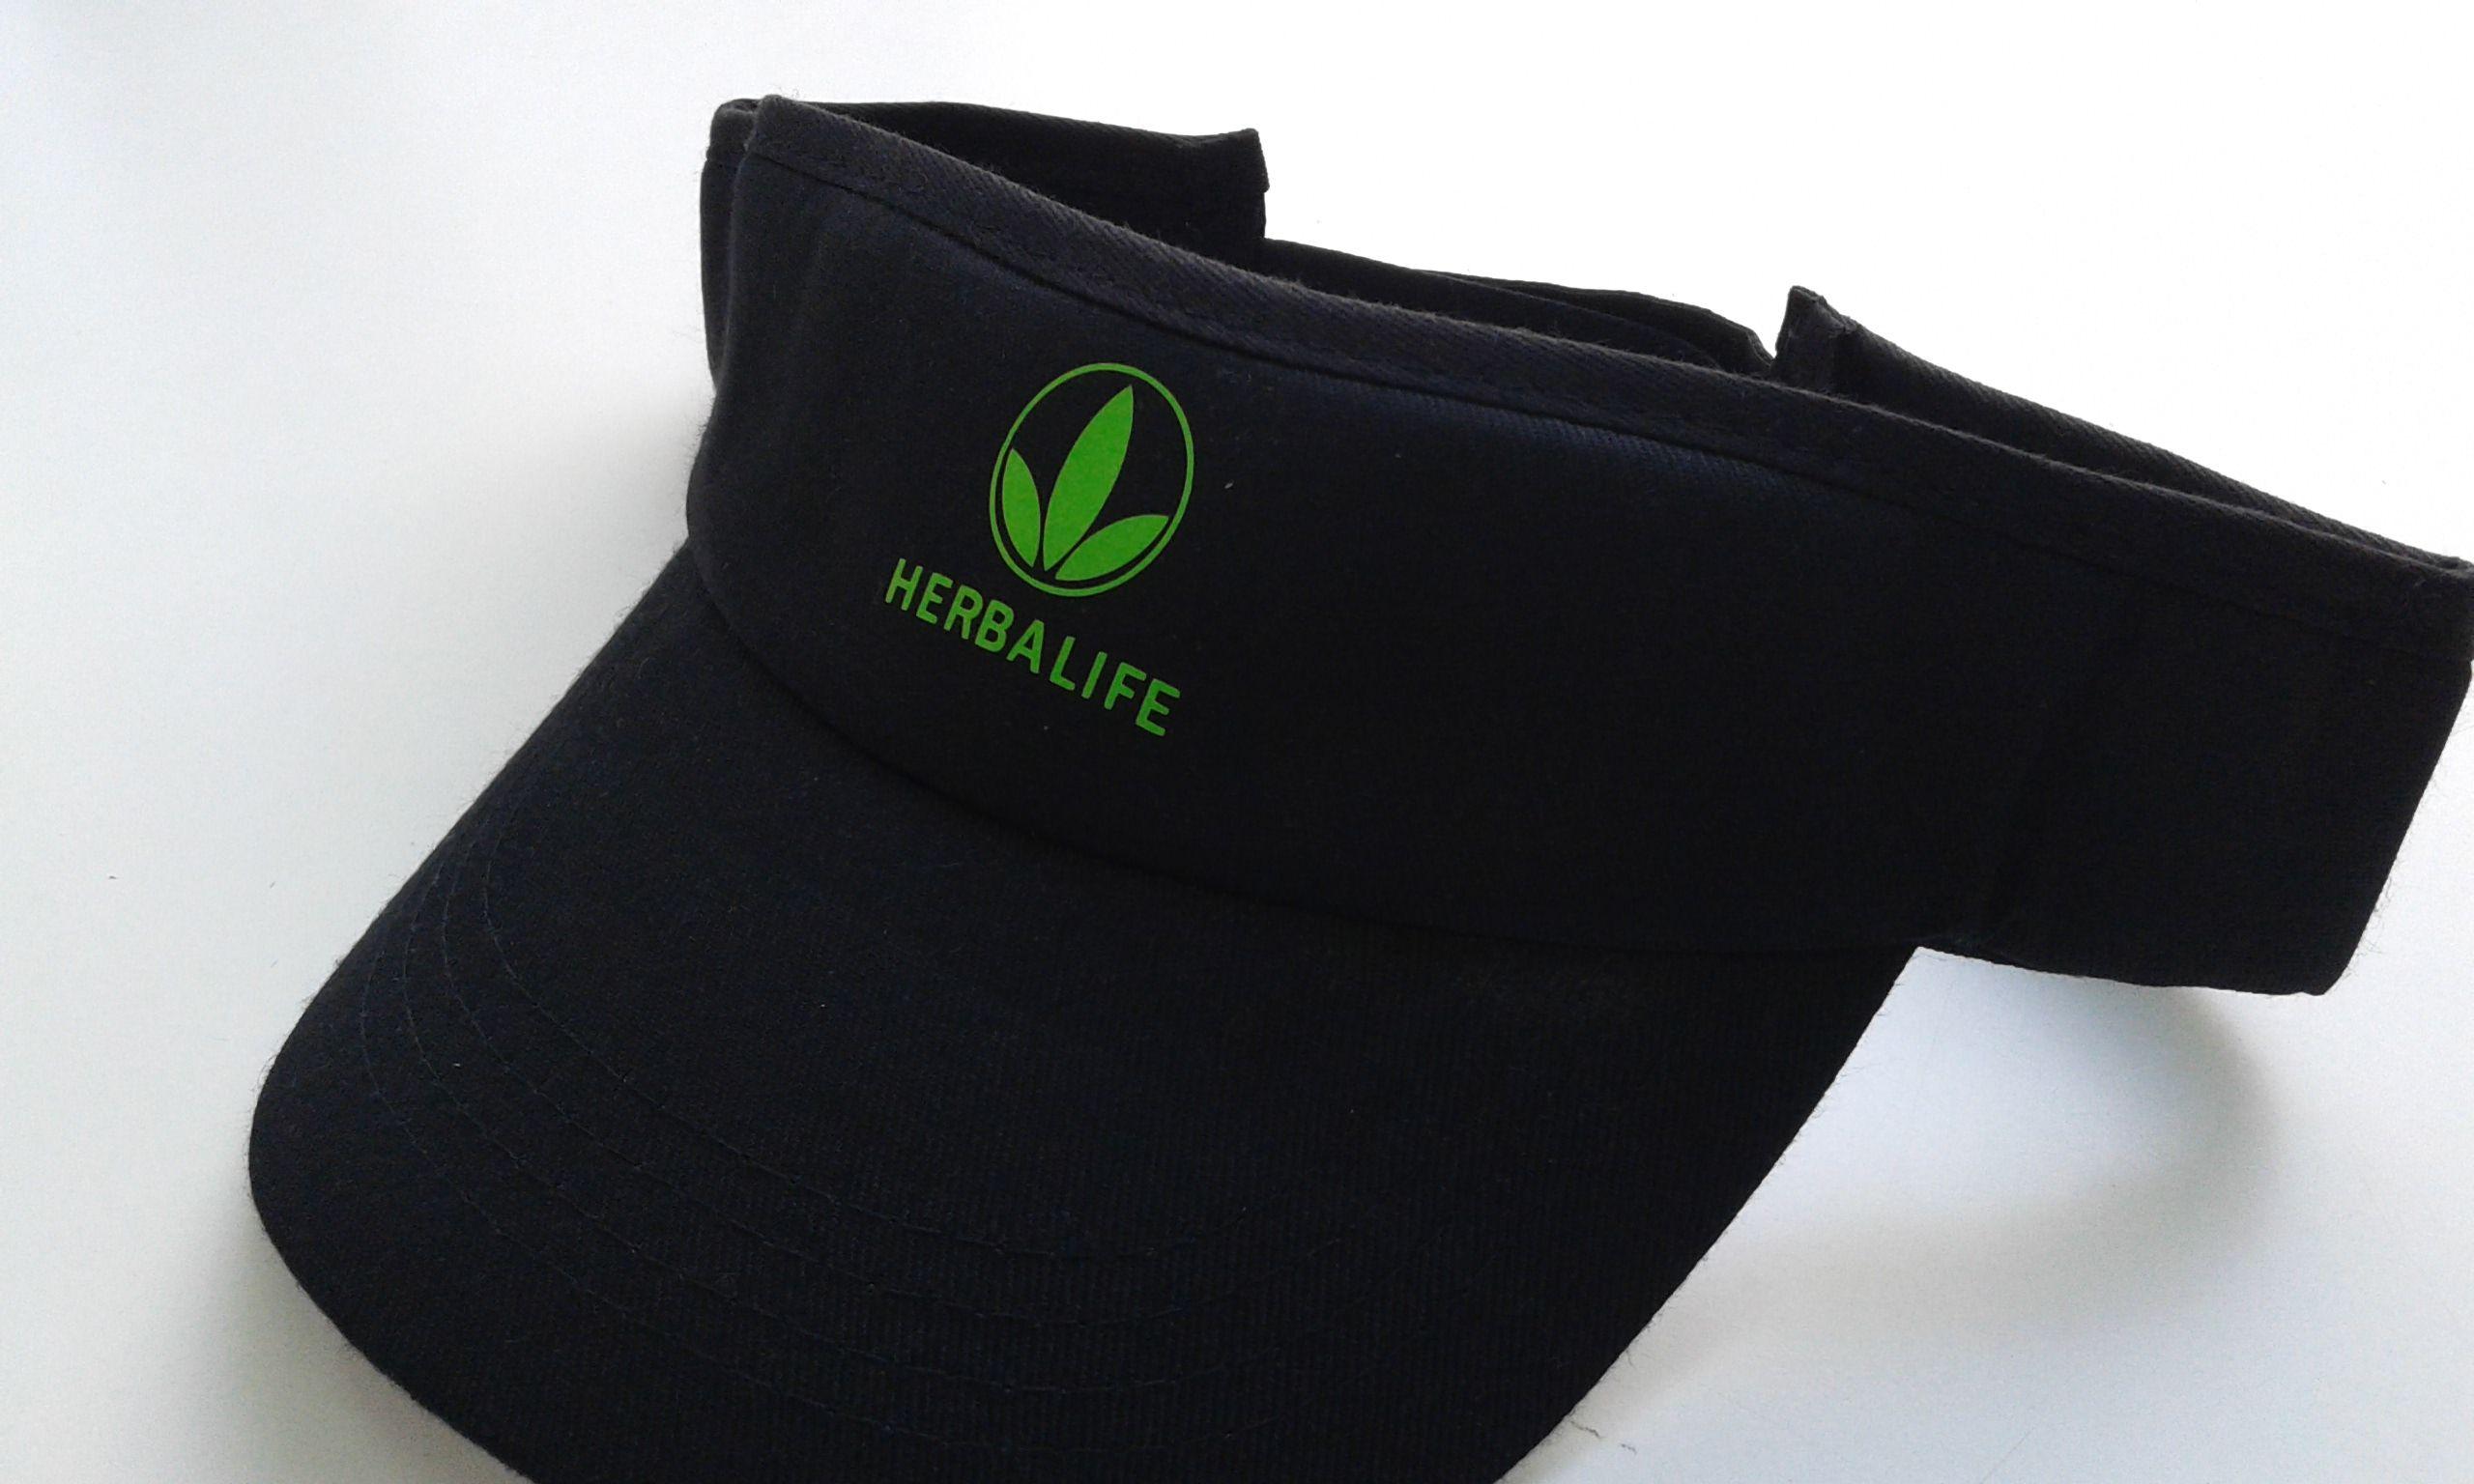 Viseras y gorras personalizadas para eventos deportivos. Visera Herbalife  personalizada con vinilo textil. 0e801409fca